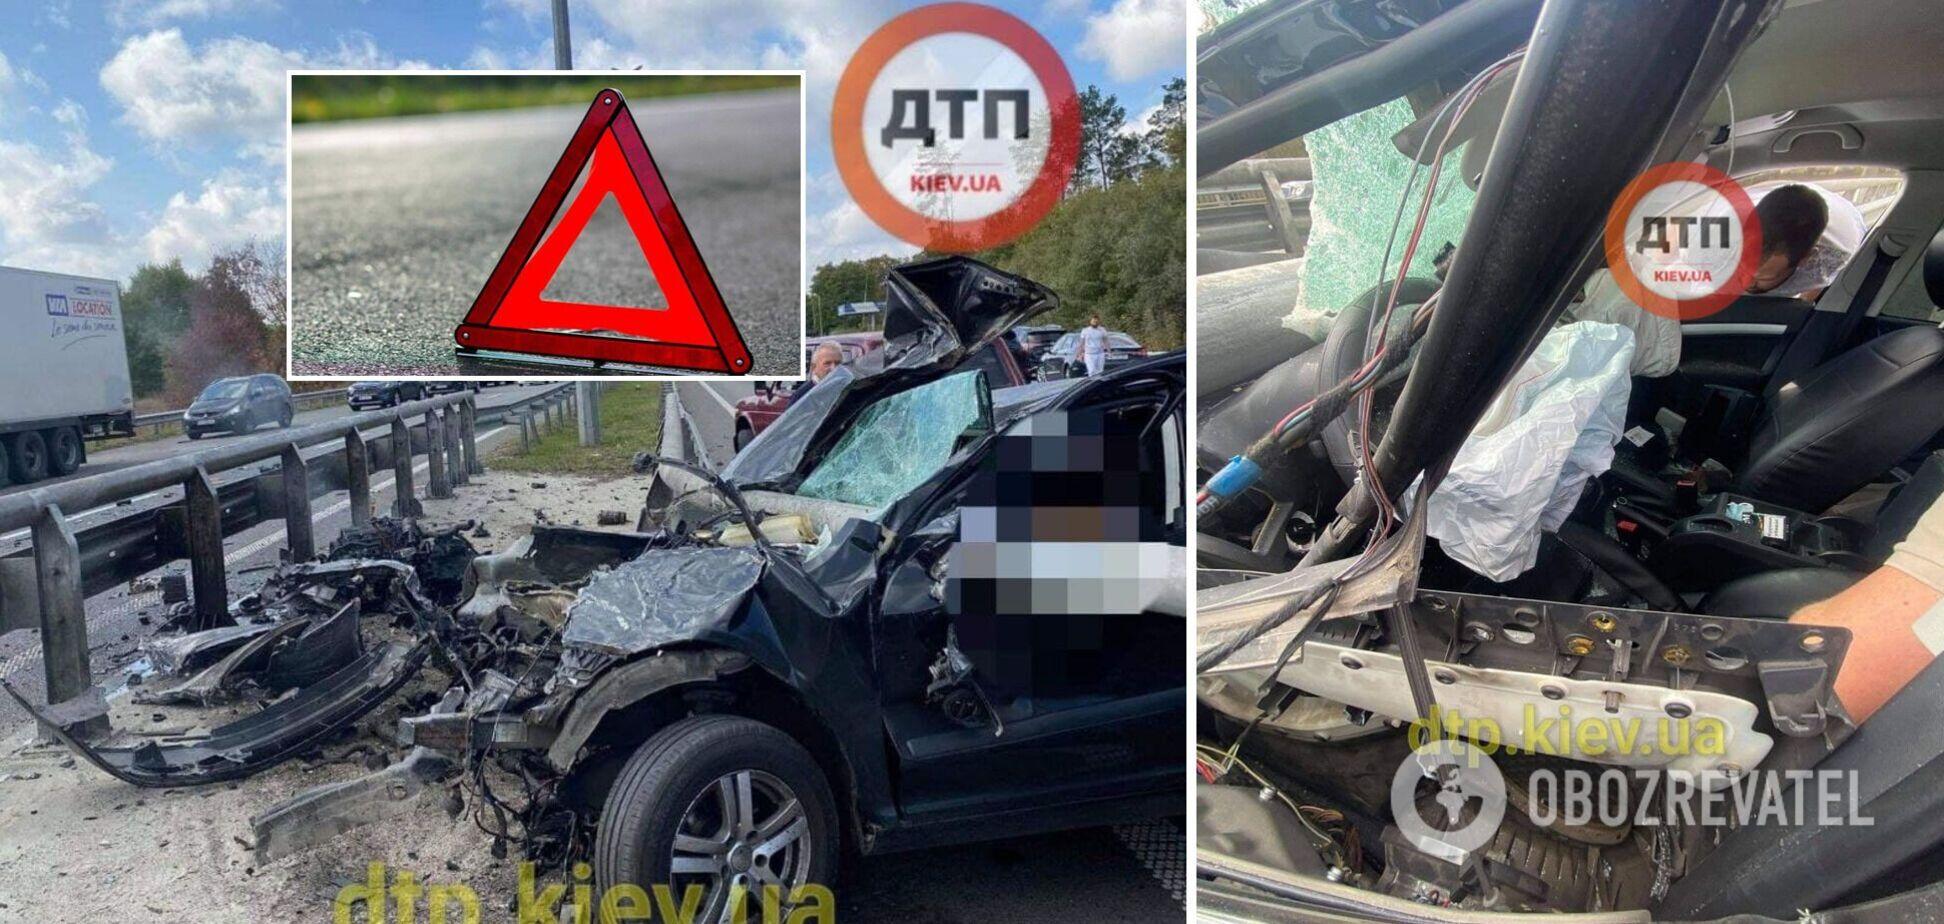 Під Києвом авто на швидкості влетіло у відбійник, він 'прошив' салон: водій дивом вижив. Фото